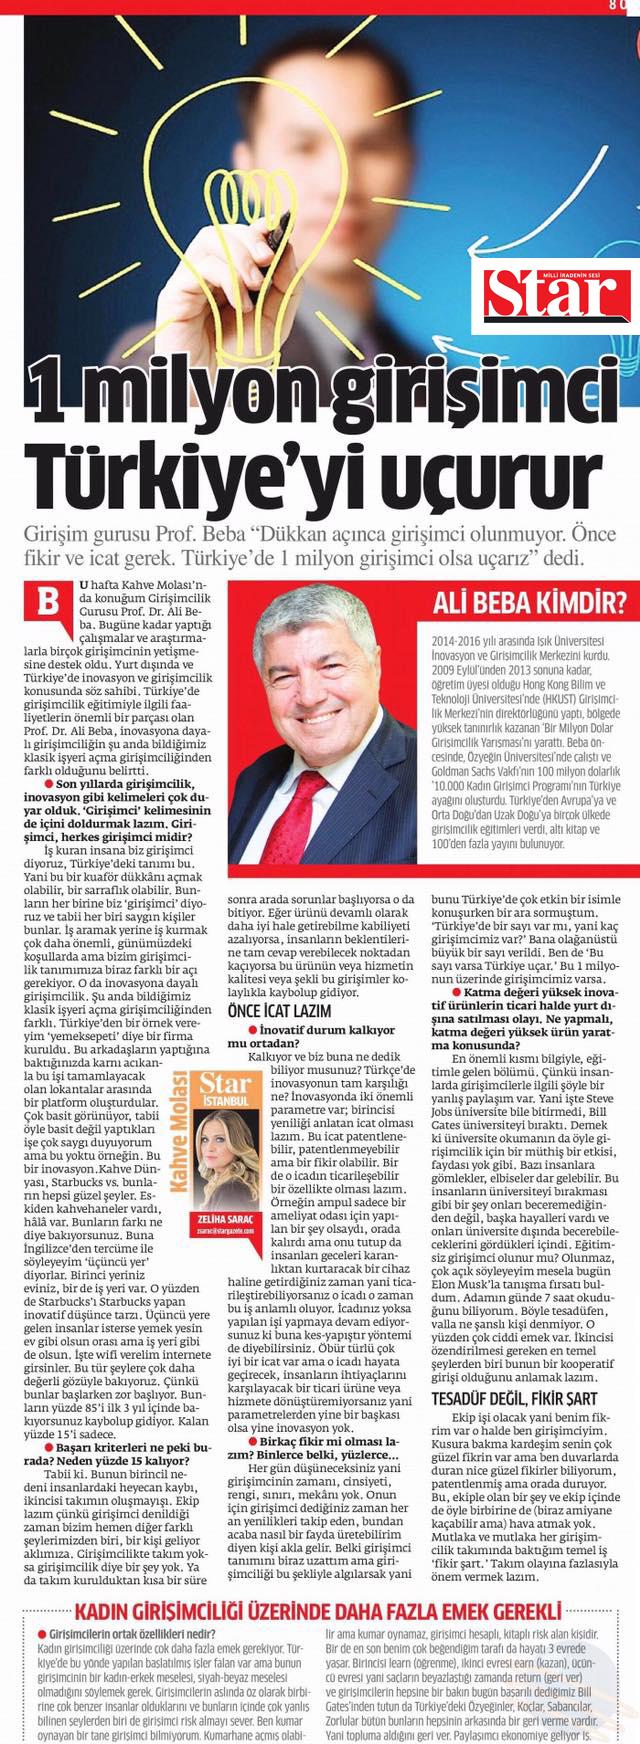 ali_beba_star_gazetesi